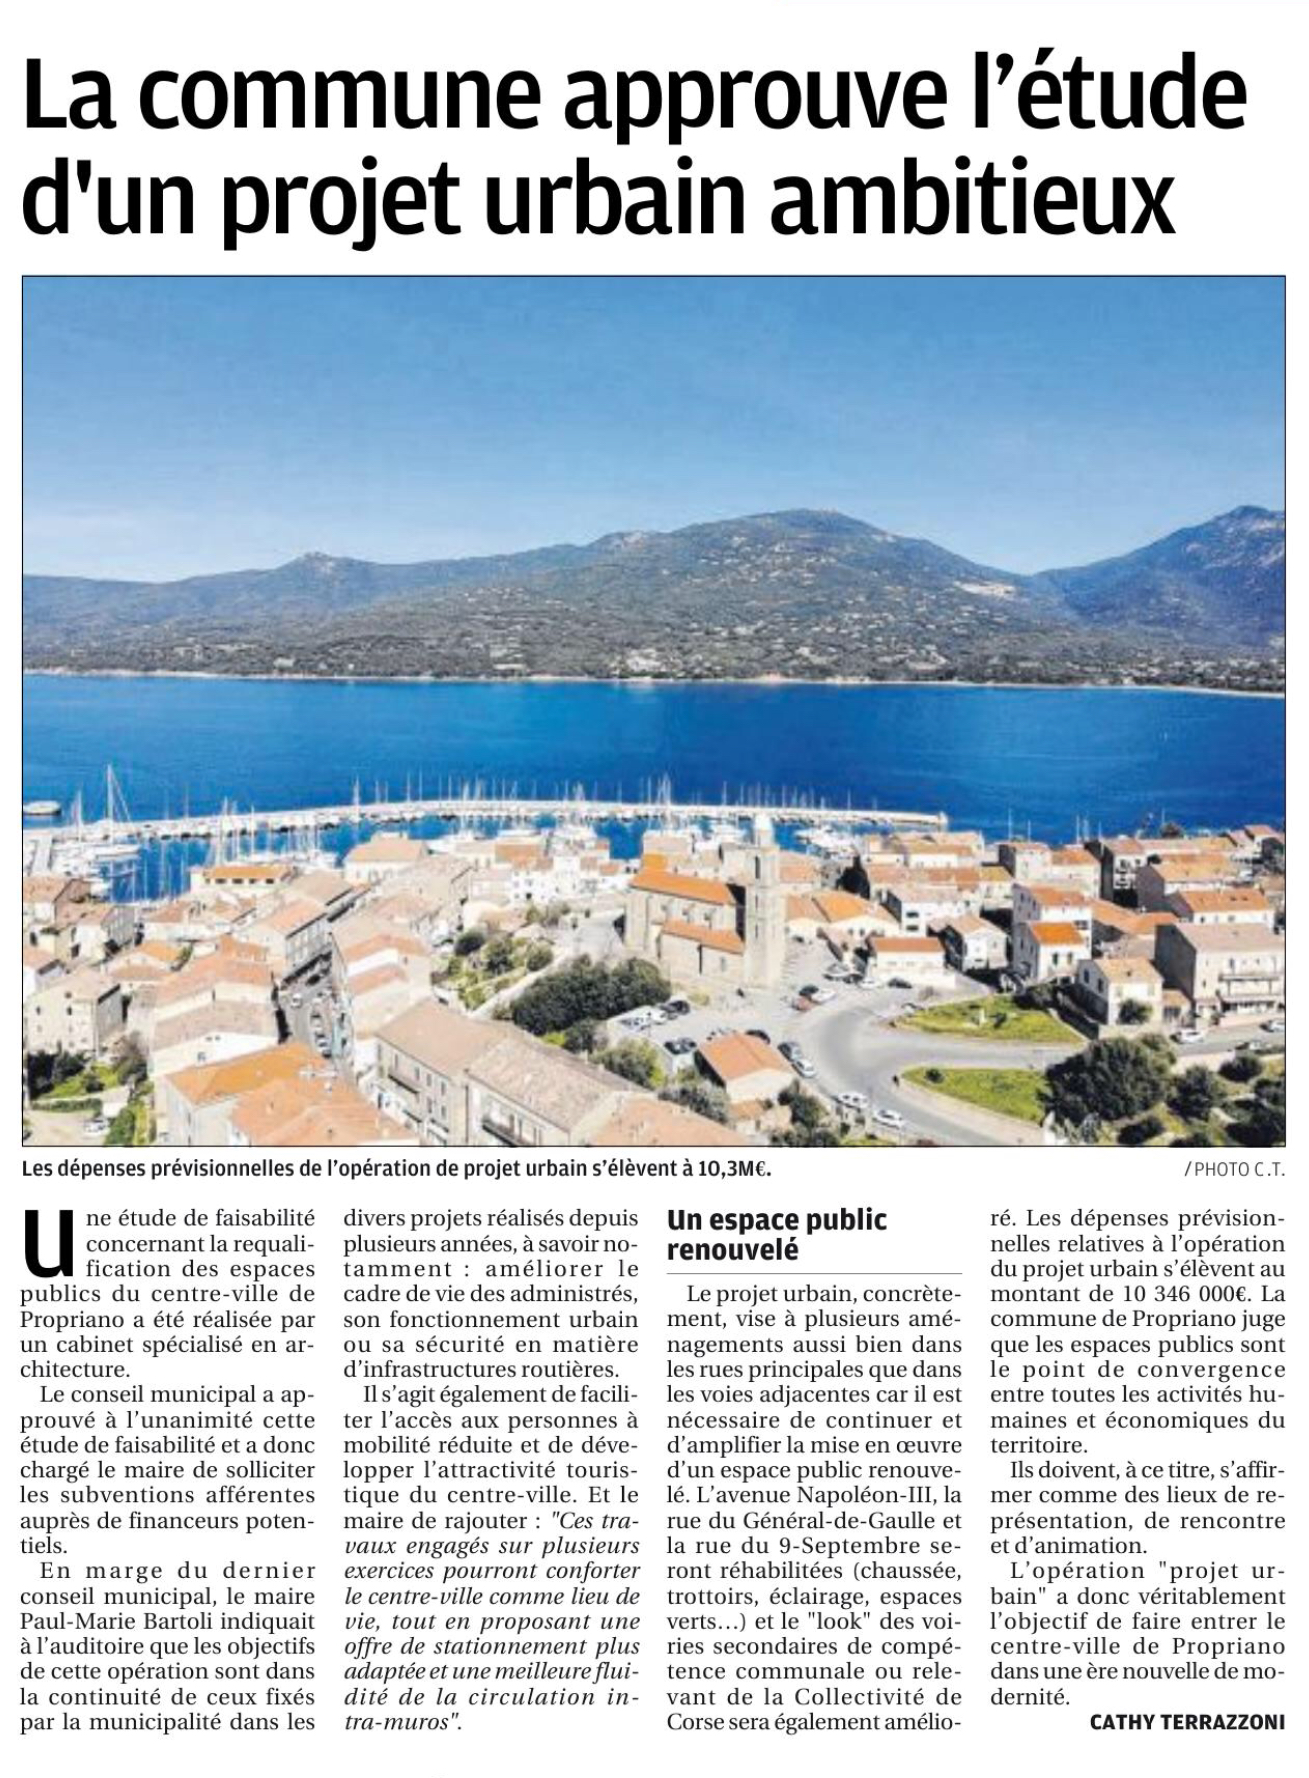 Un projet de renouvellement urbain pour Propriano